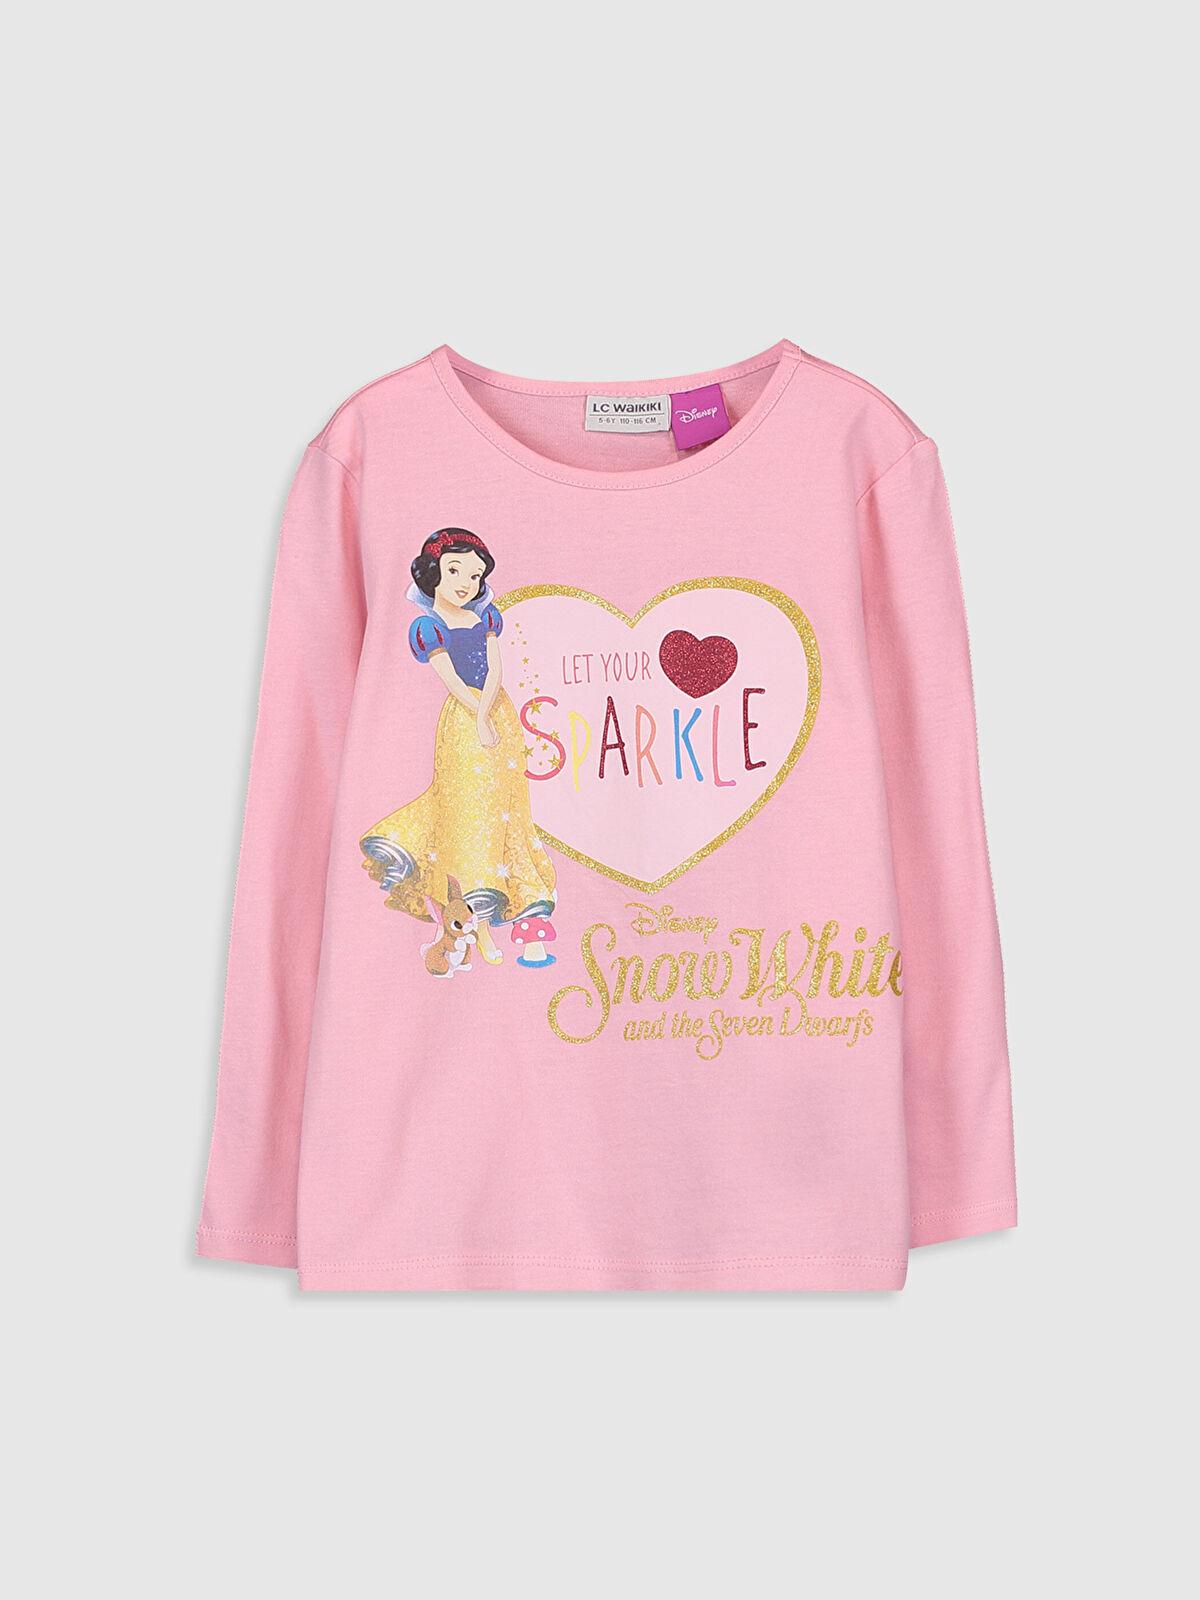 Kız Çocuk Pamuk Prenses Baskılı Pamuklu Tişört - LC WAIKIKI